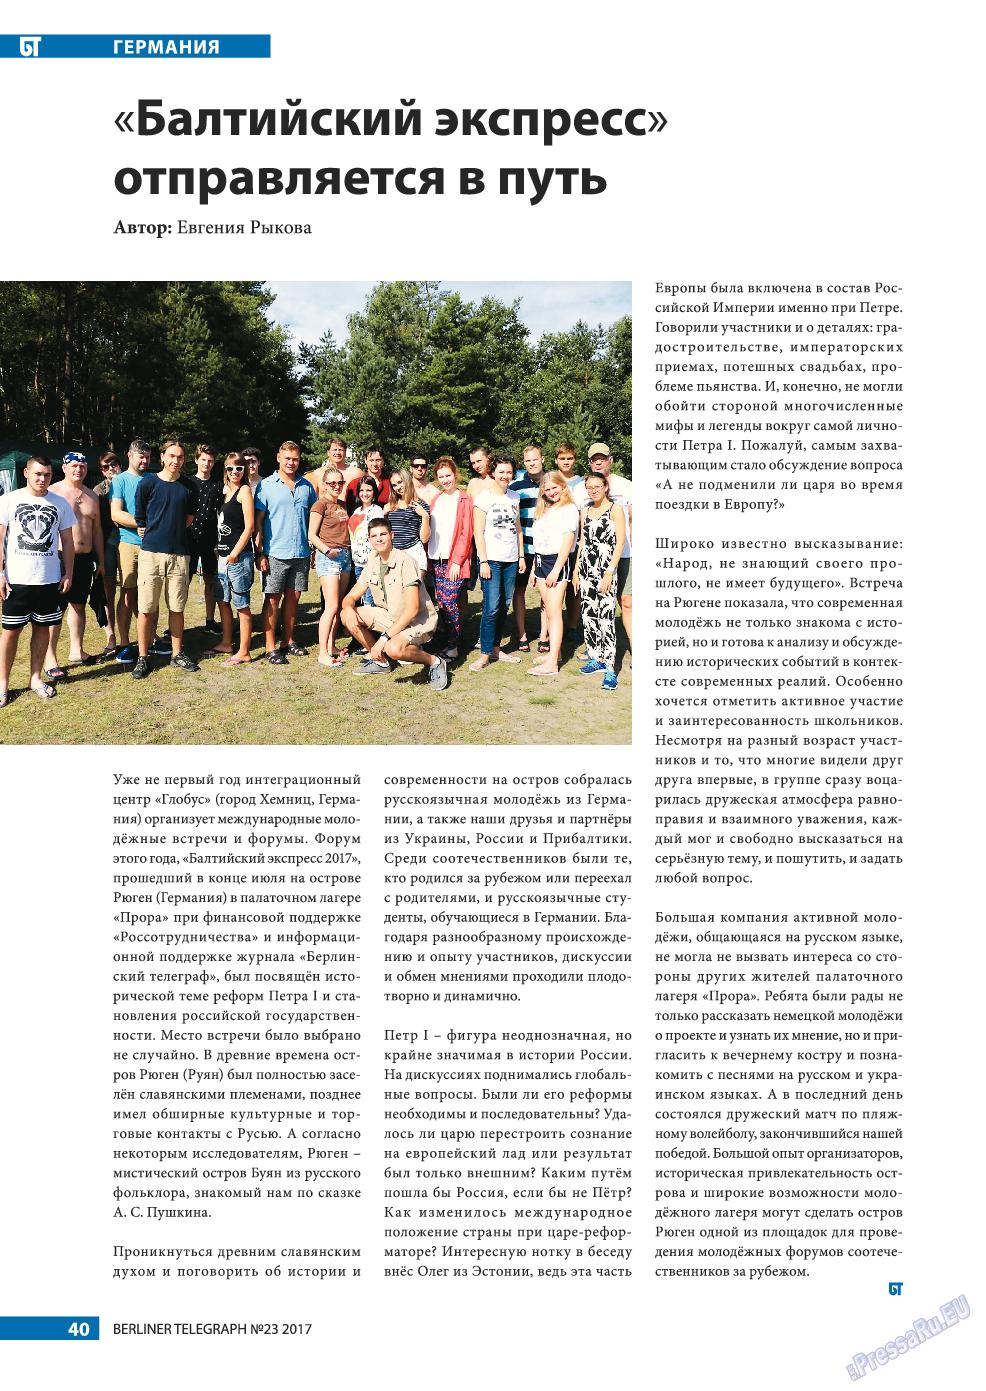 Берлинский телеграф (журнал). 2017 год, номер 23, стр. 40